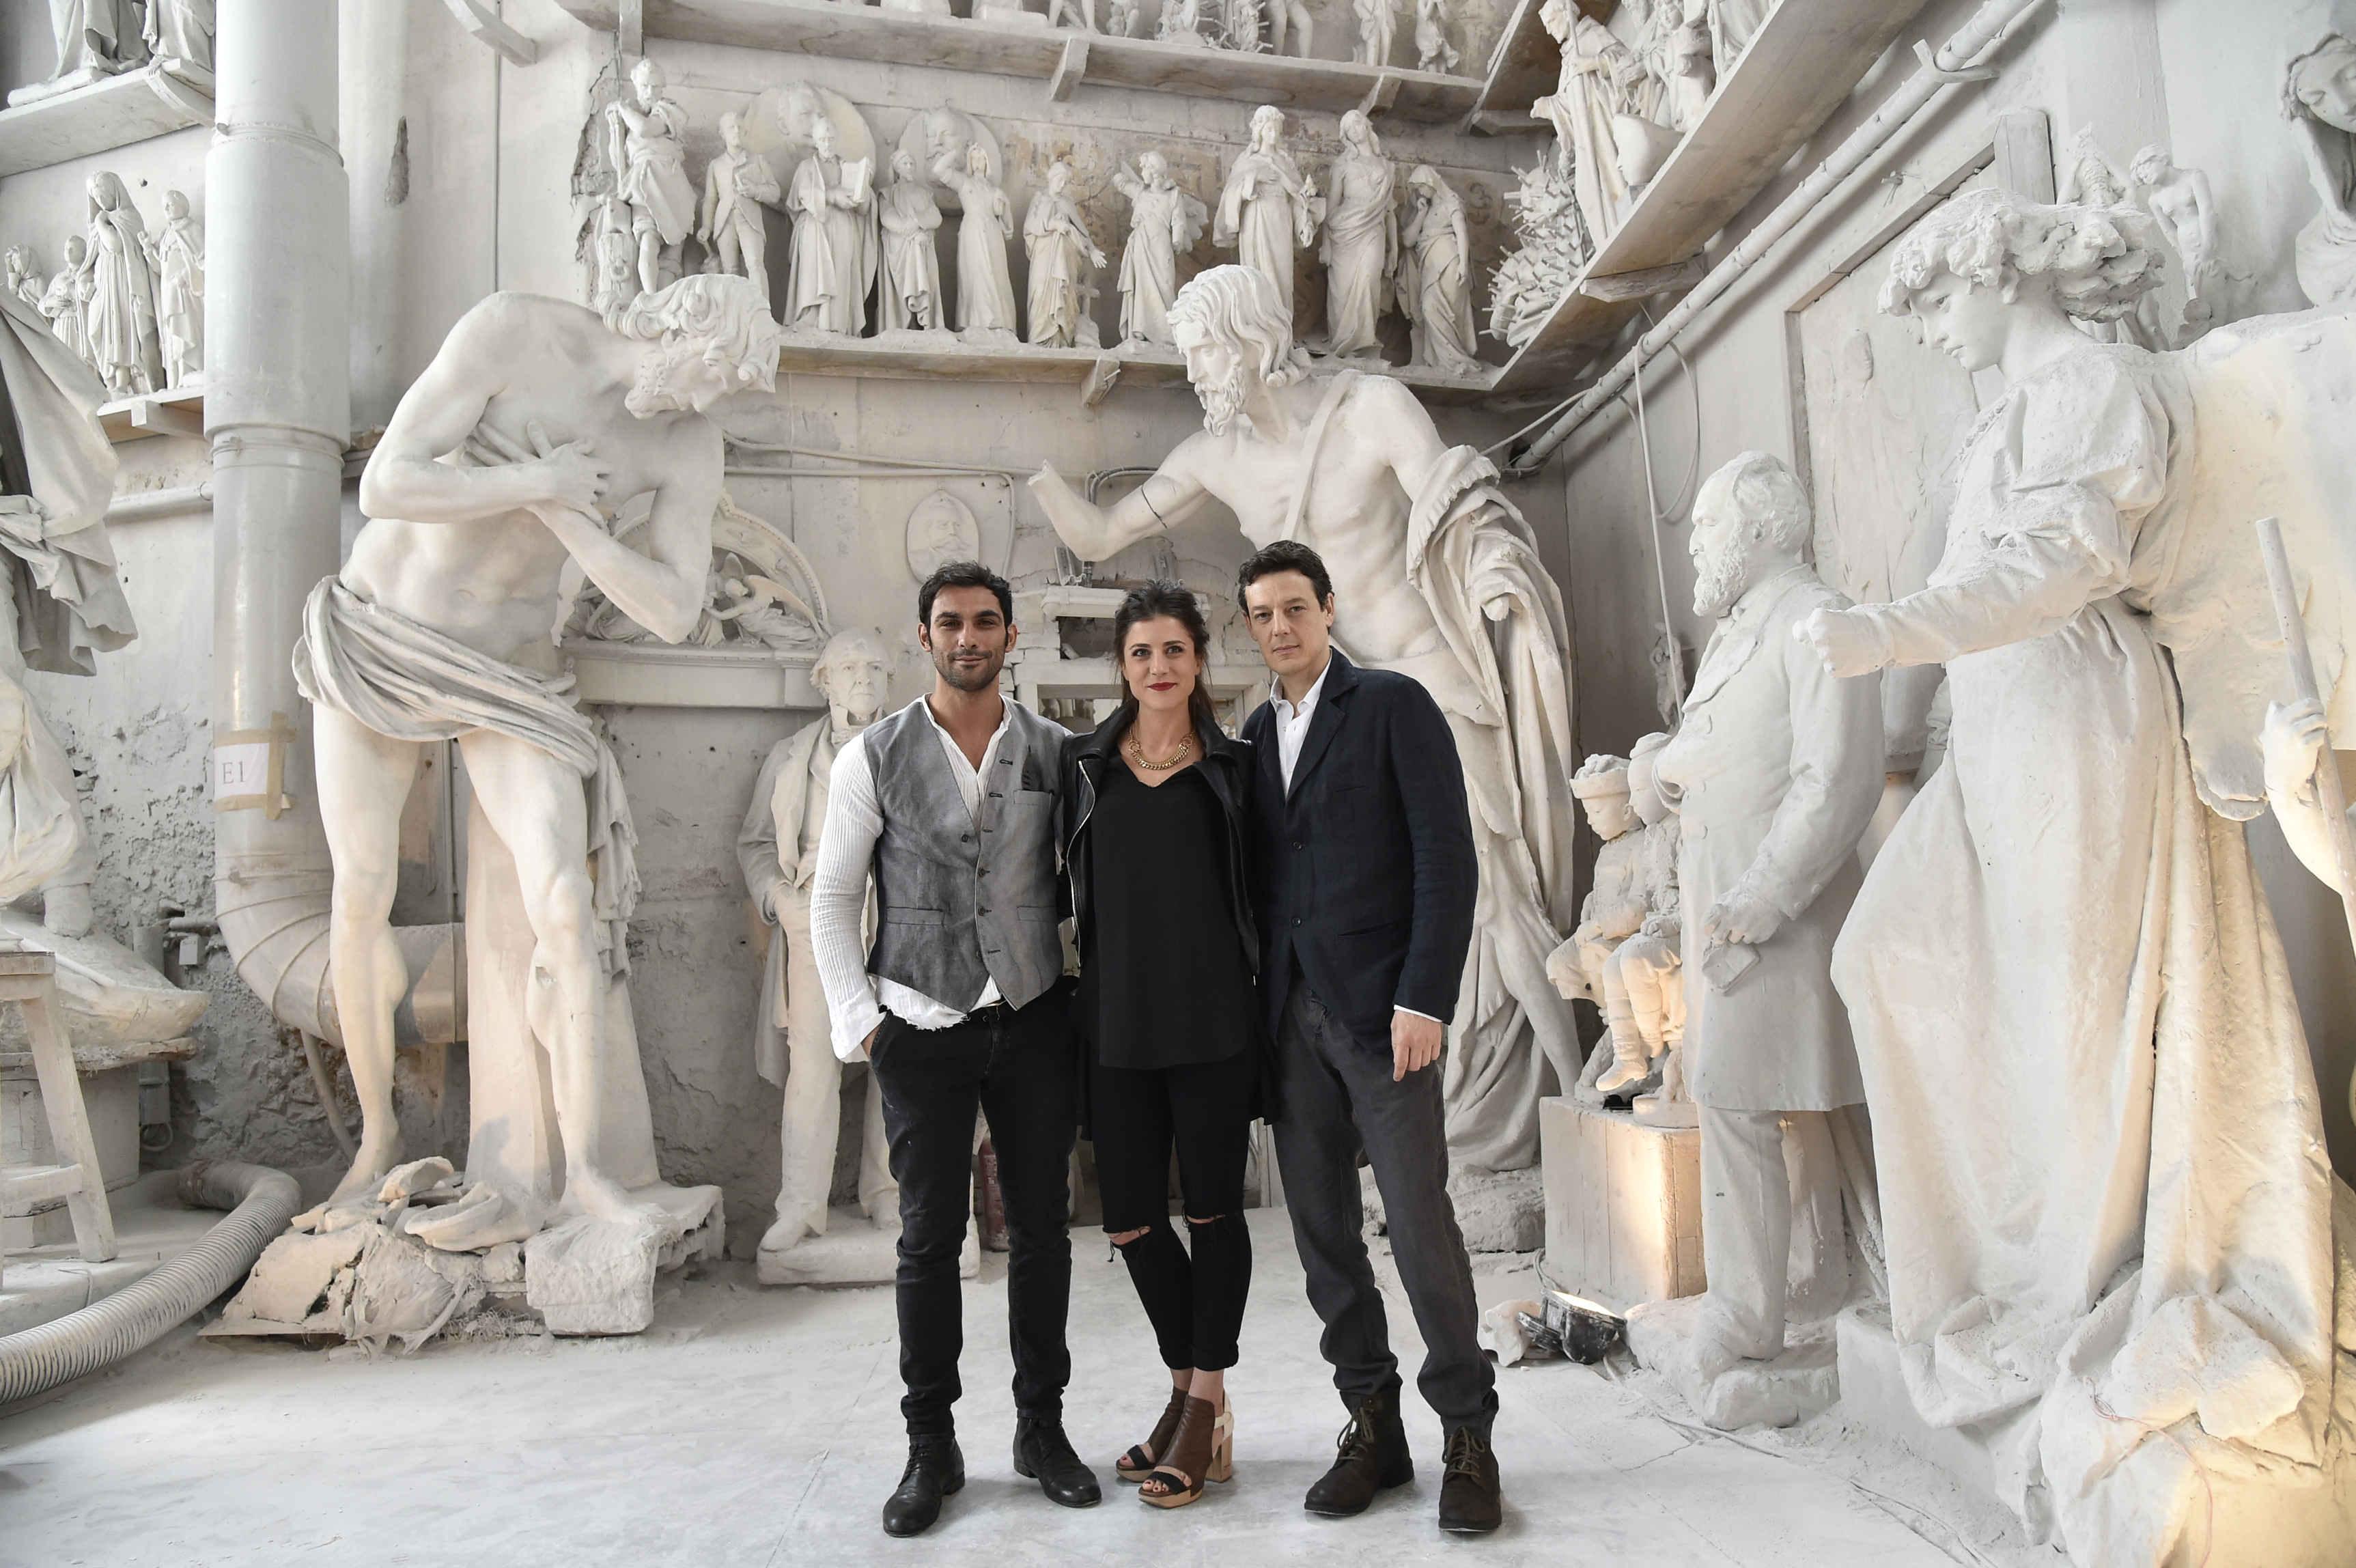 Sacrificio d'amore, la nuova fiction di Canale 5 in onda nel 2017: nel cast Francesco Arca, Giorgio Lupano e Francesca Valtorta